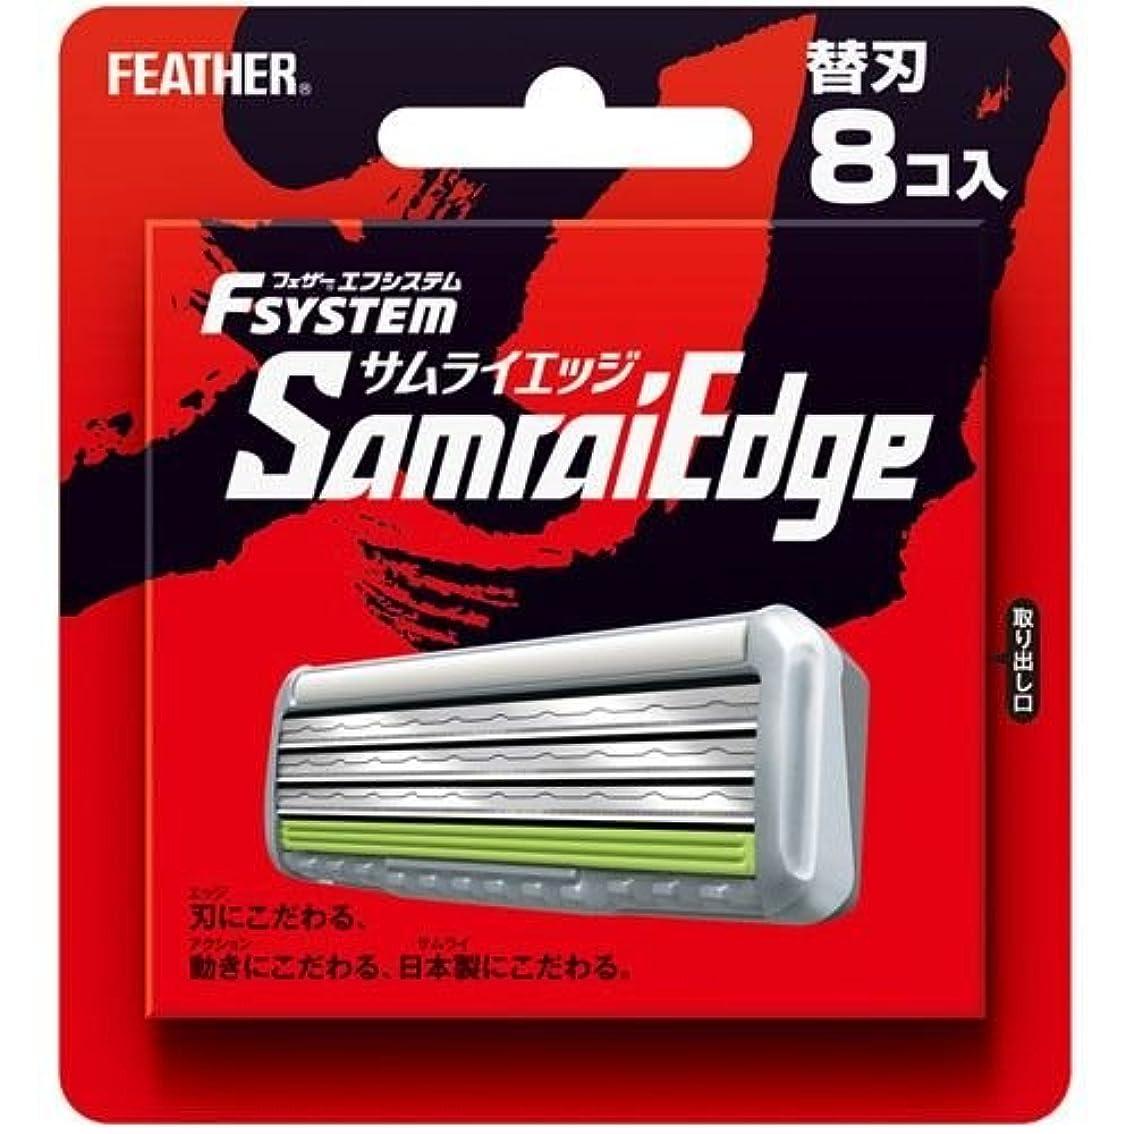 乳剤確かな小包エフシステム 替刃 サムライエッジ 8コ入